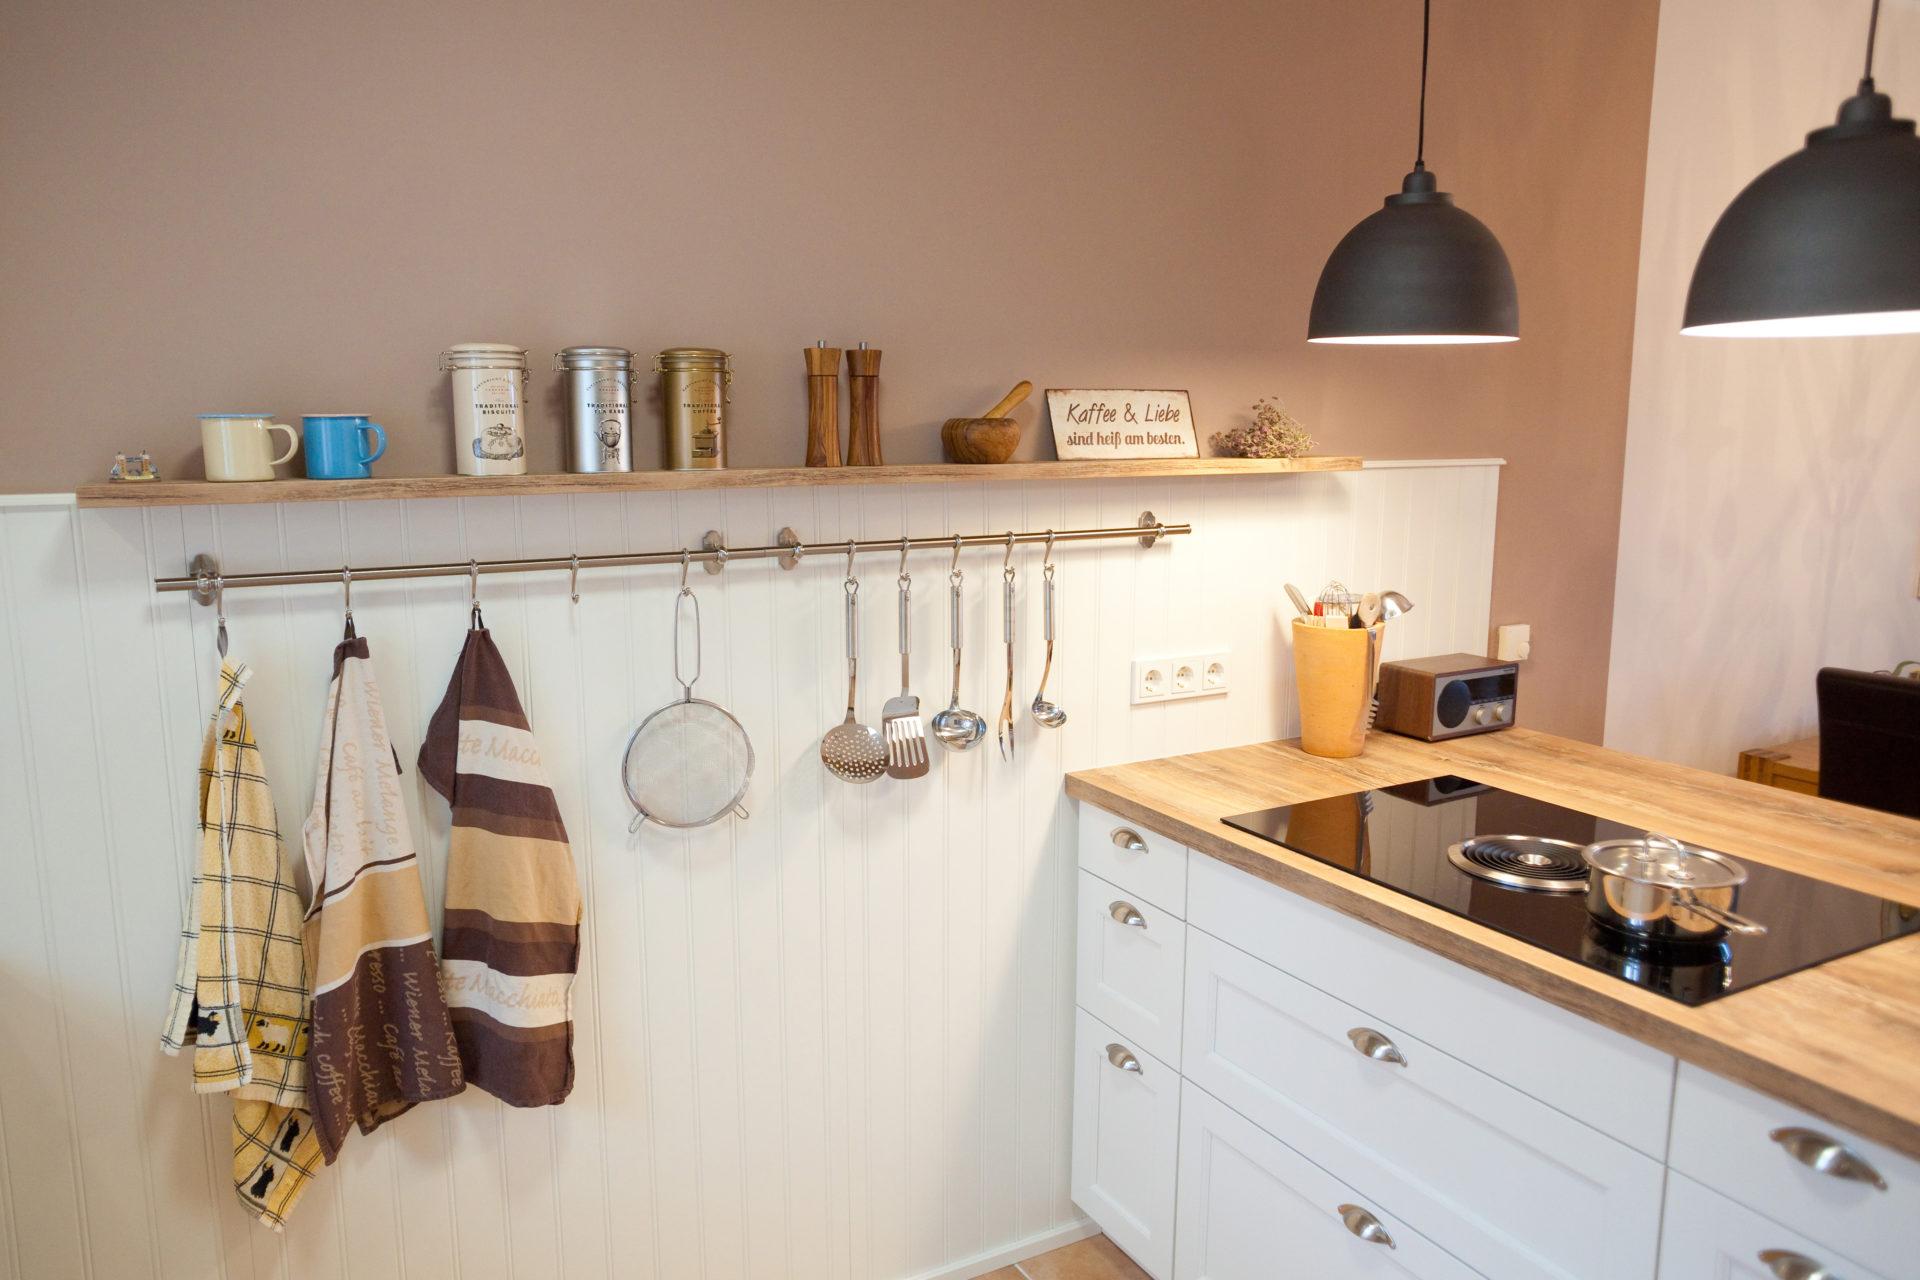 moderne landhausk che in wei von h cker k chen mit kochinsel bora kochfeld und neff. Black Bedroom Furniture Sets. Home Design Ideas